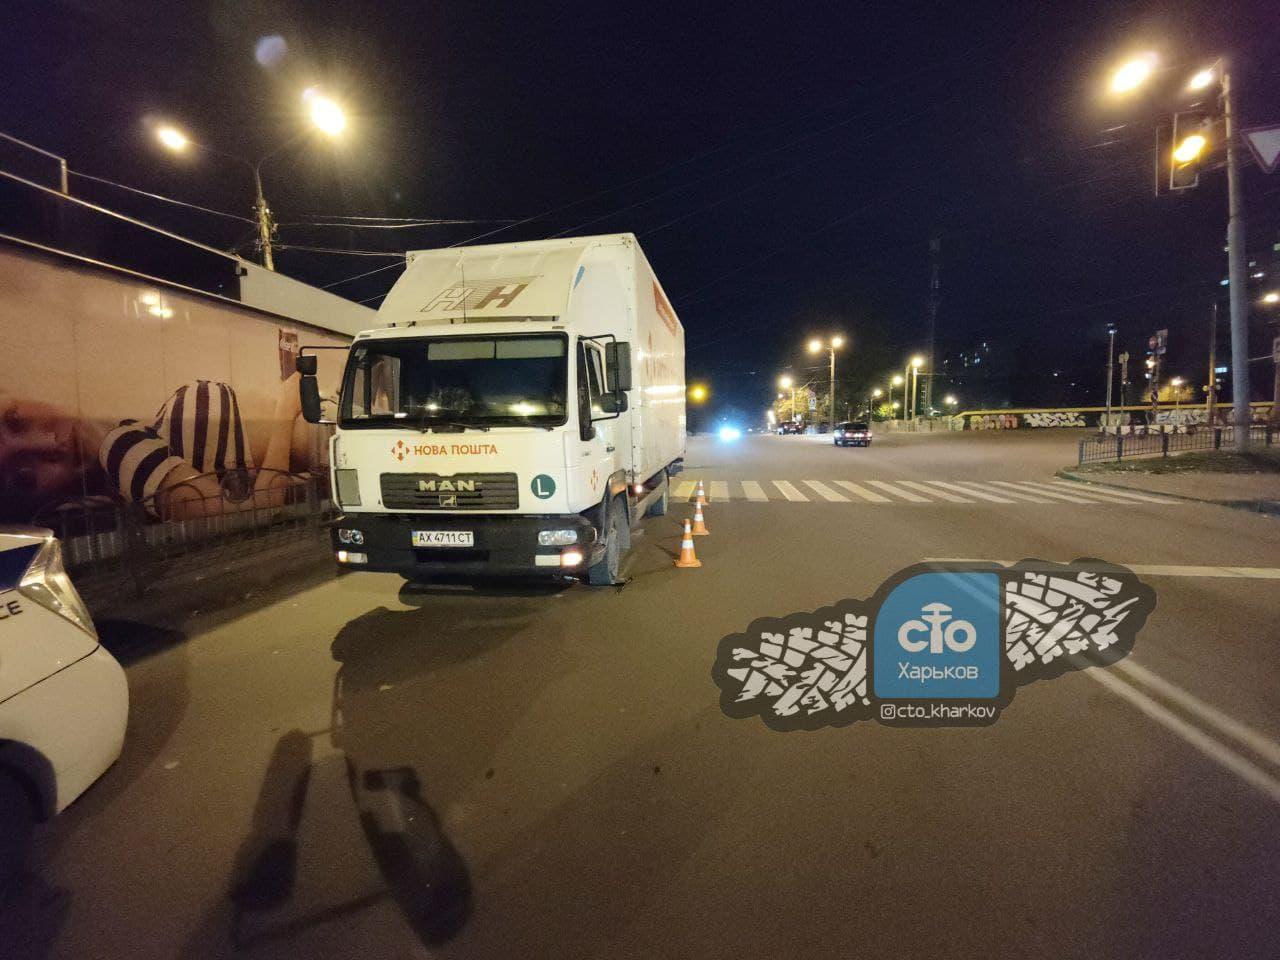 ДТП в Харькове: грузовик Новой почты сбил мальчика на самокате на пешеходном переходе на улице Героев Труда